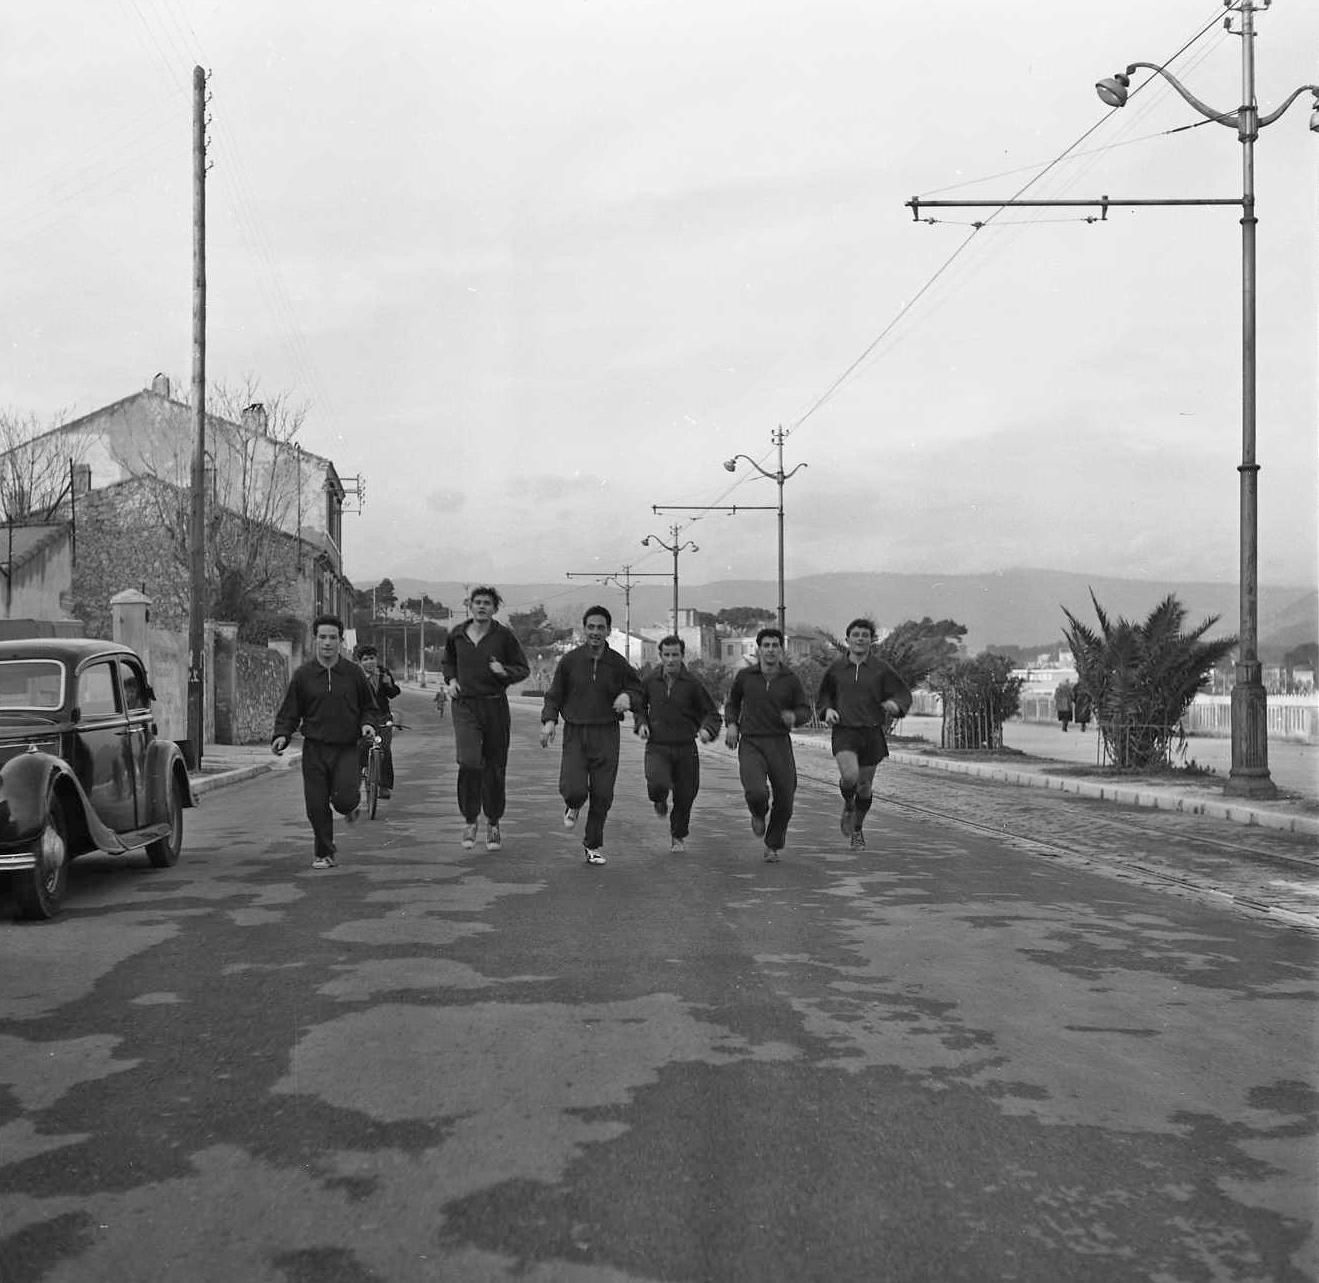 27 Fi 2966 - Petit footing des joueurs de l'Etoile Sportive sur l'actuel boulevard Georges Clemenceau. 11/02/1954